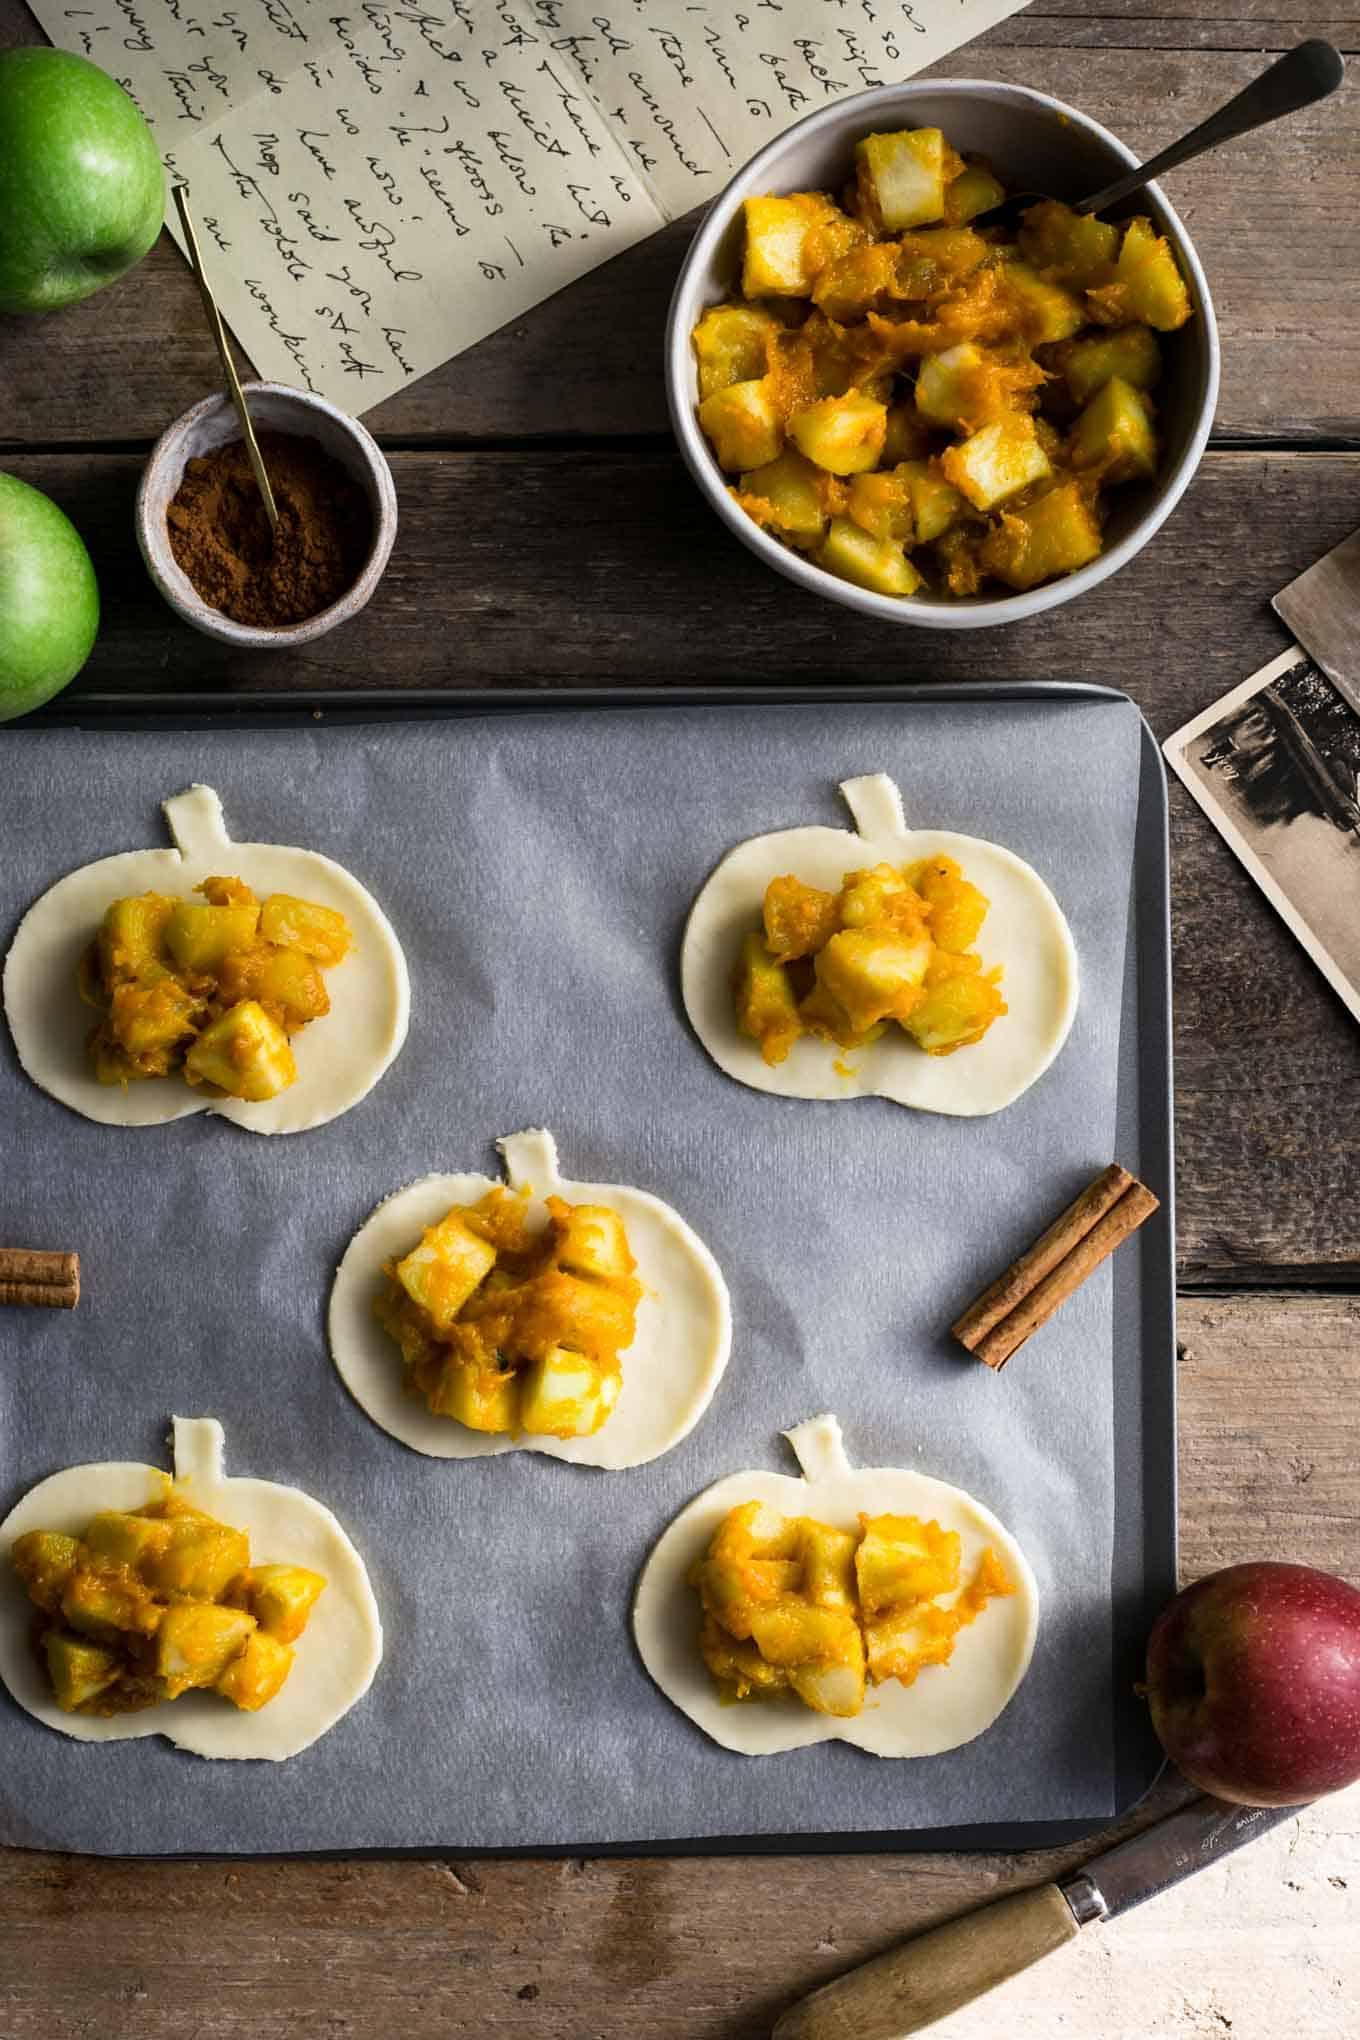 Spiced apple and pumpkin hand pies #vegan #applepie #pumpkin   via @annabanana.co